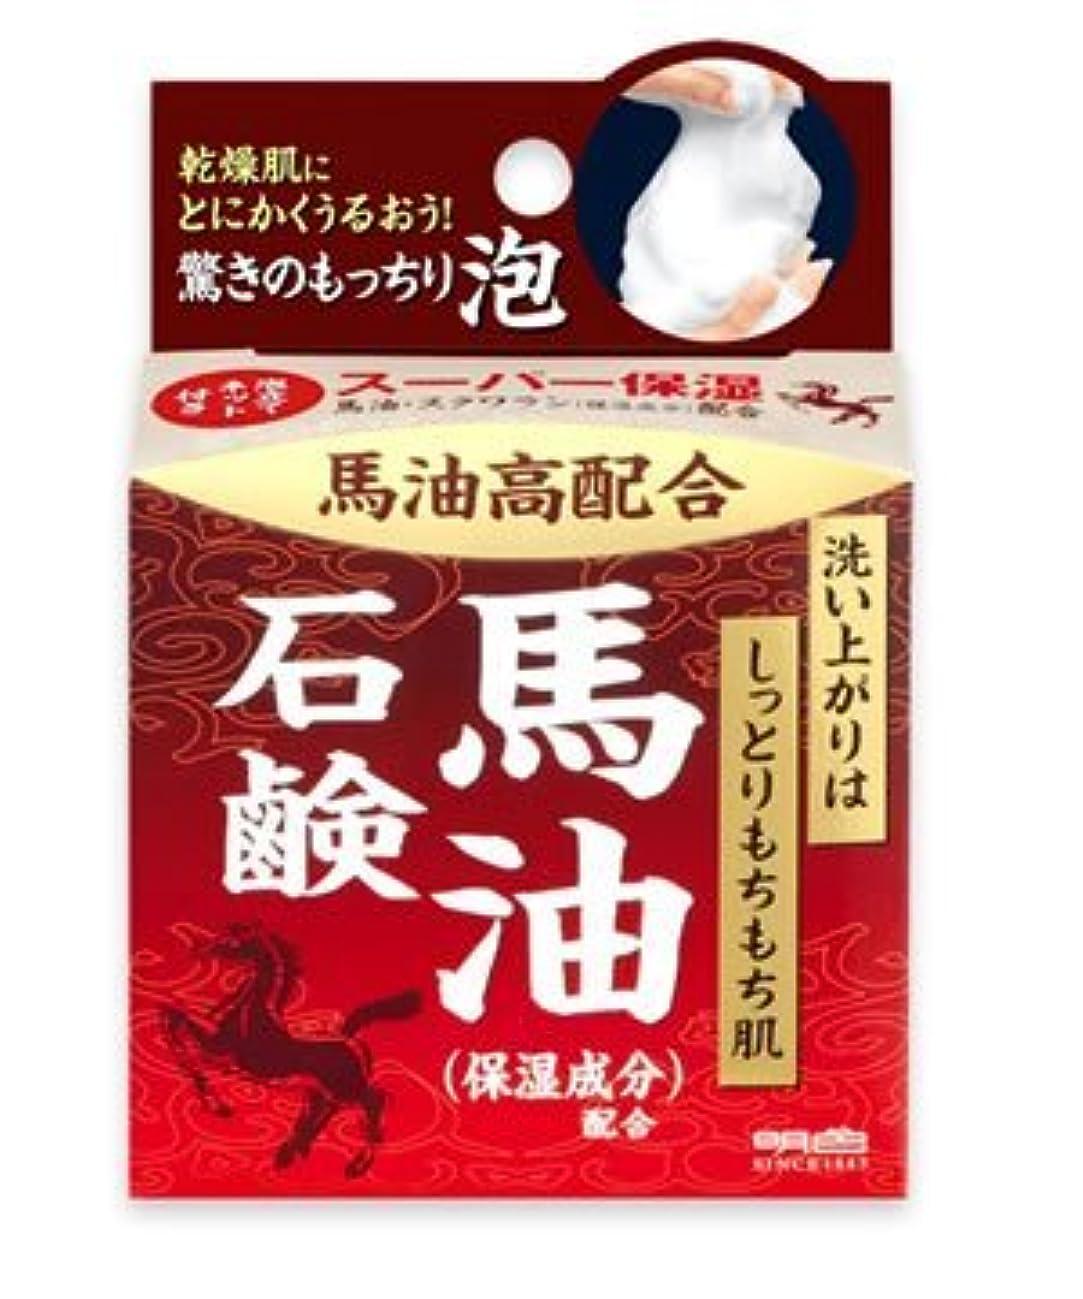 ラバ不愉快平等(明色)うるおい泡美人 馬油石鹸 80g(お買い得3個セット)